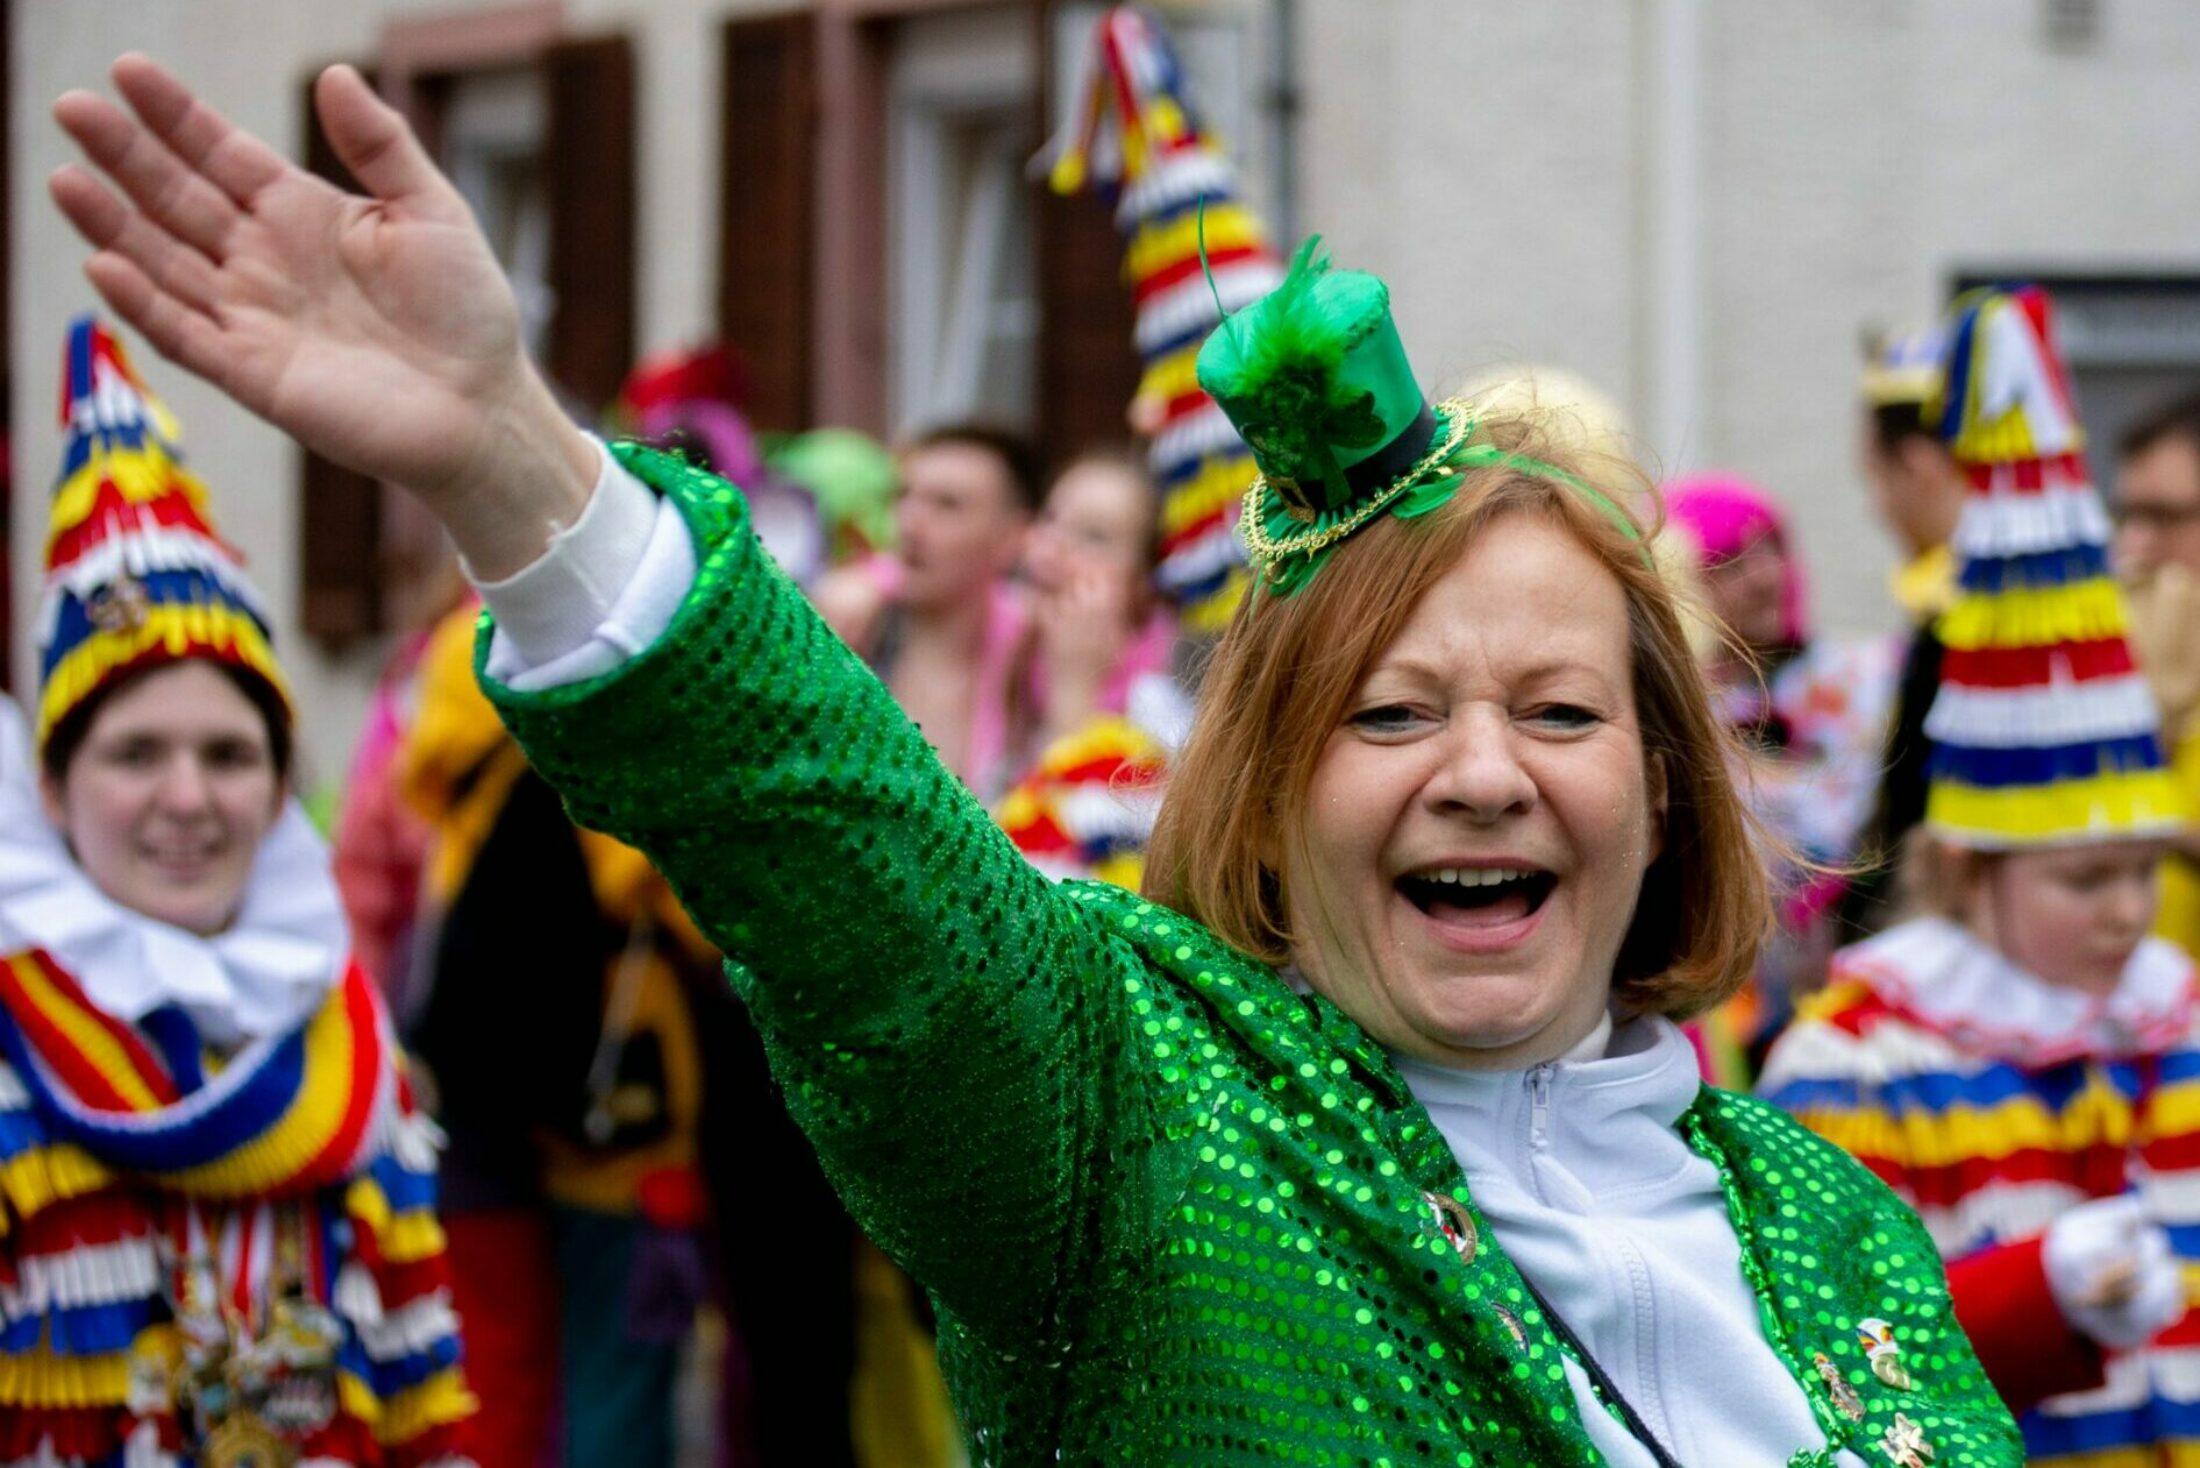 Where else to celebrate Carnival in the Charleroi Metropolitan Area?